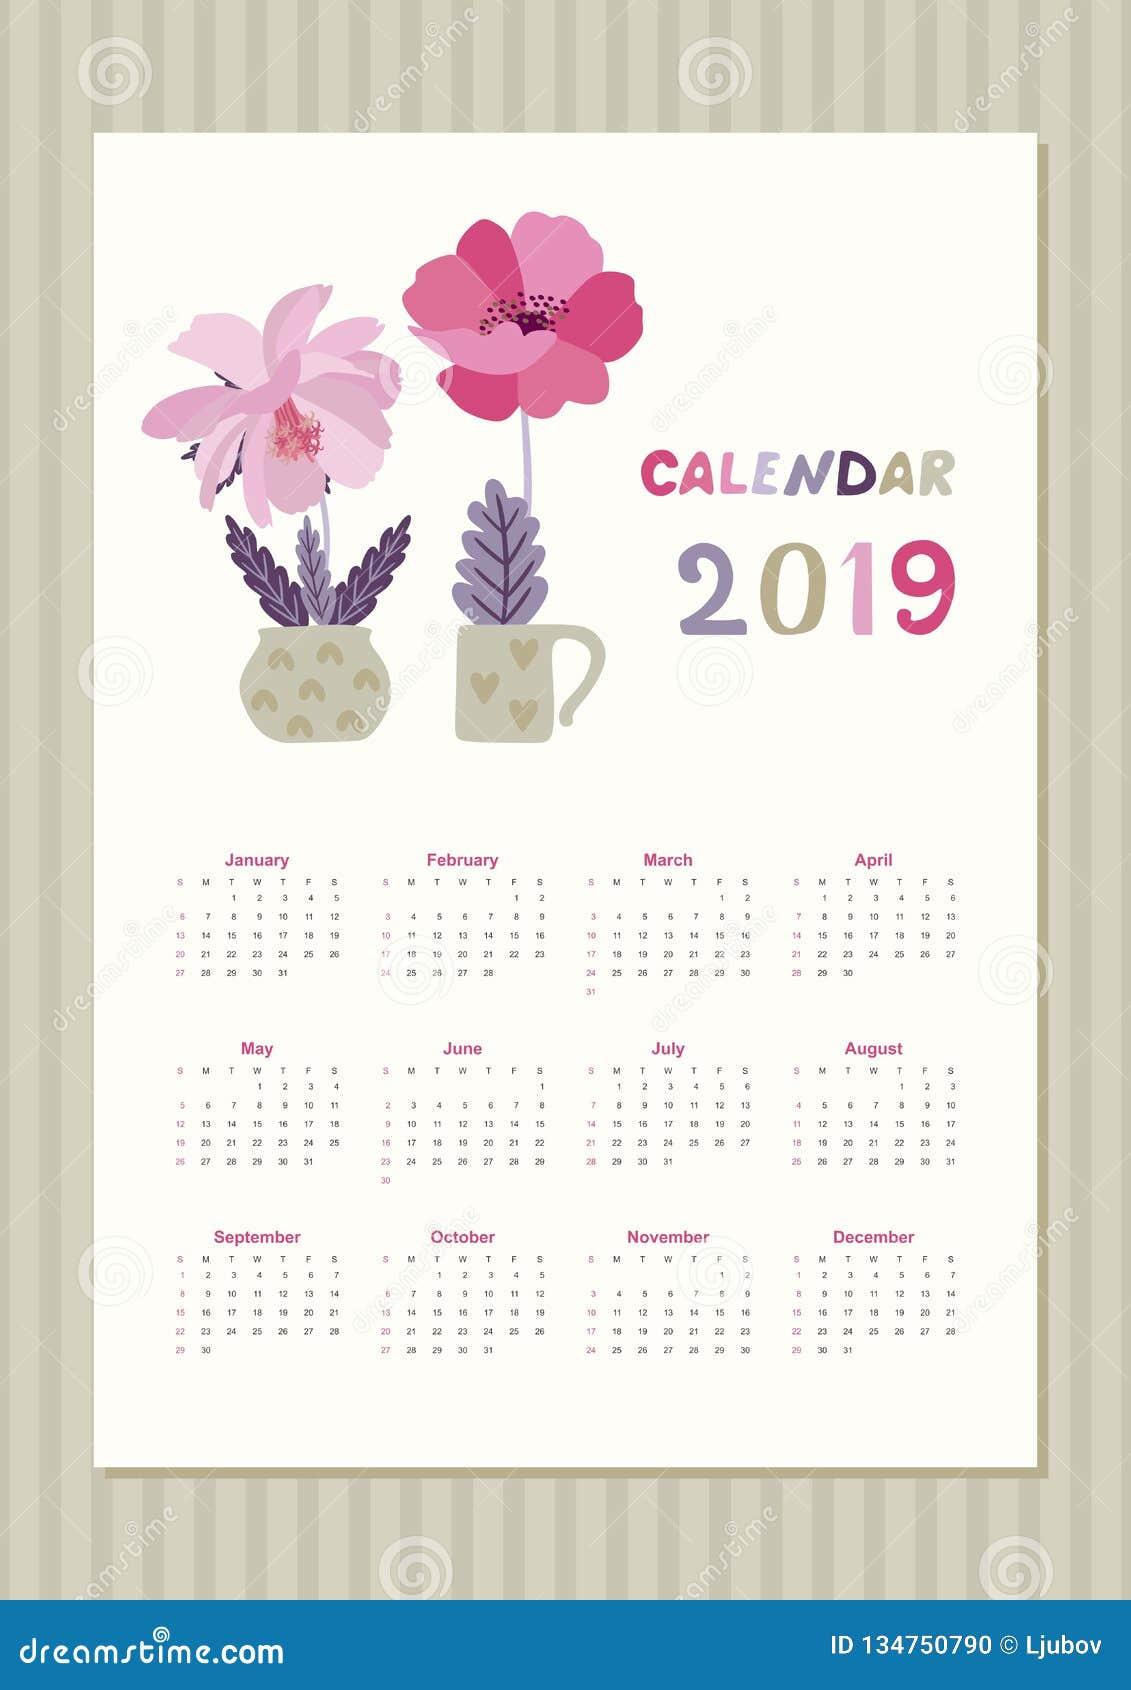 Calendario Bosque Magico 2019.Calendario Lindo Por 2019 Anos Con Las Flores Rosadas